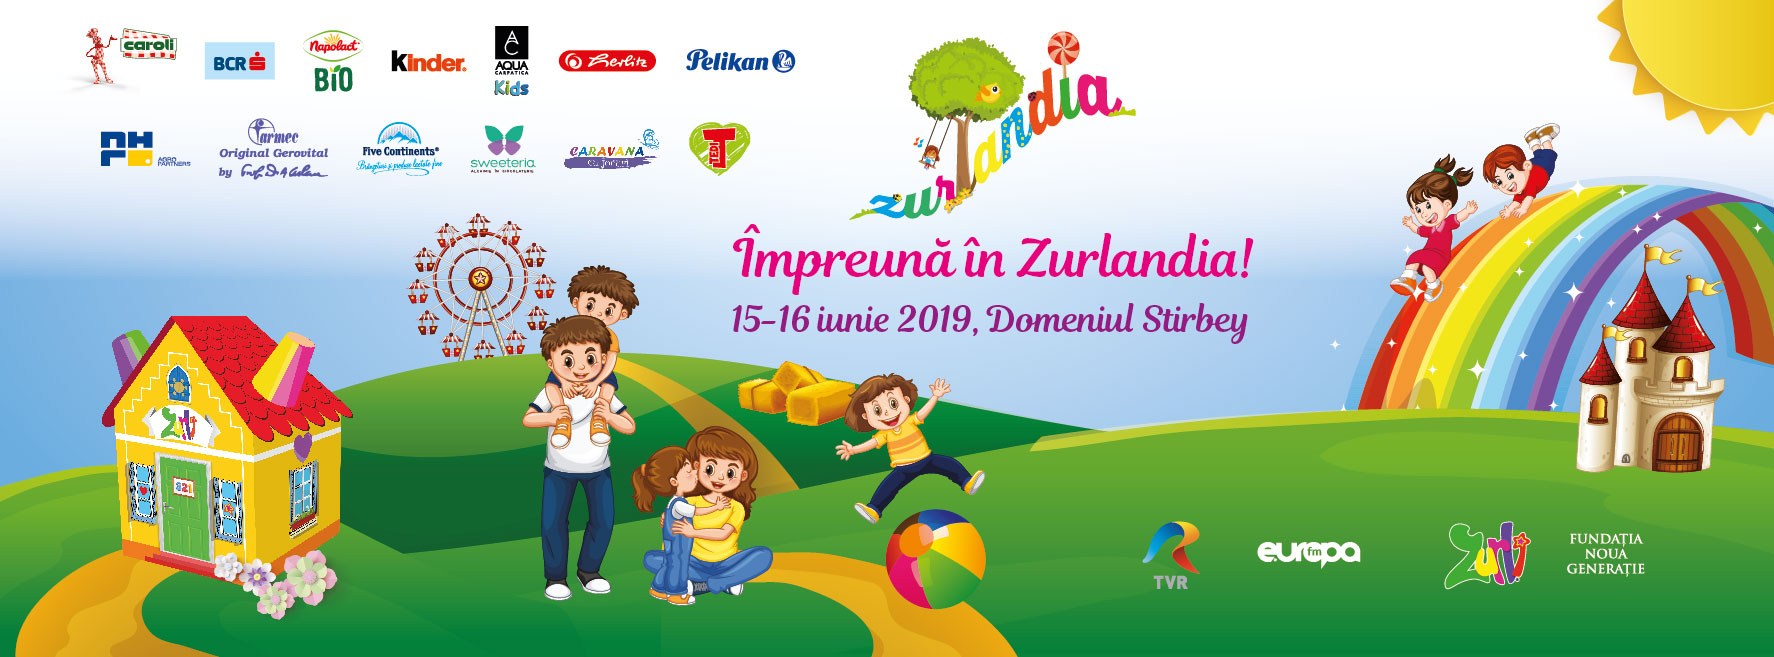 zurlandia-2019